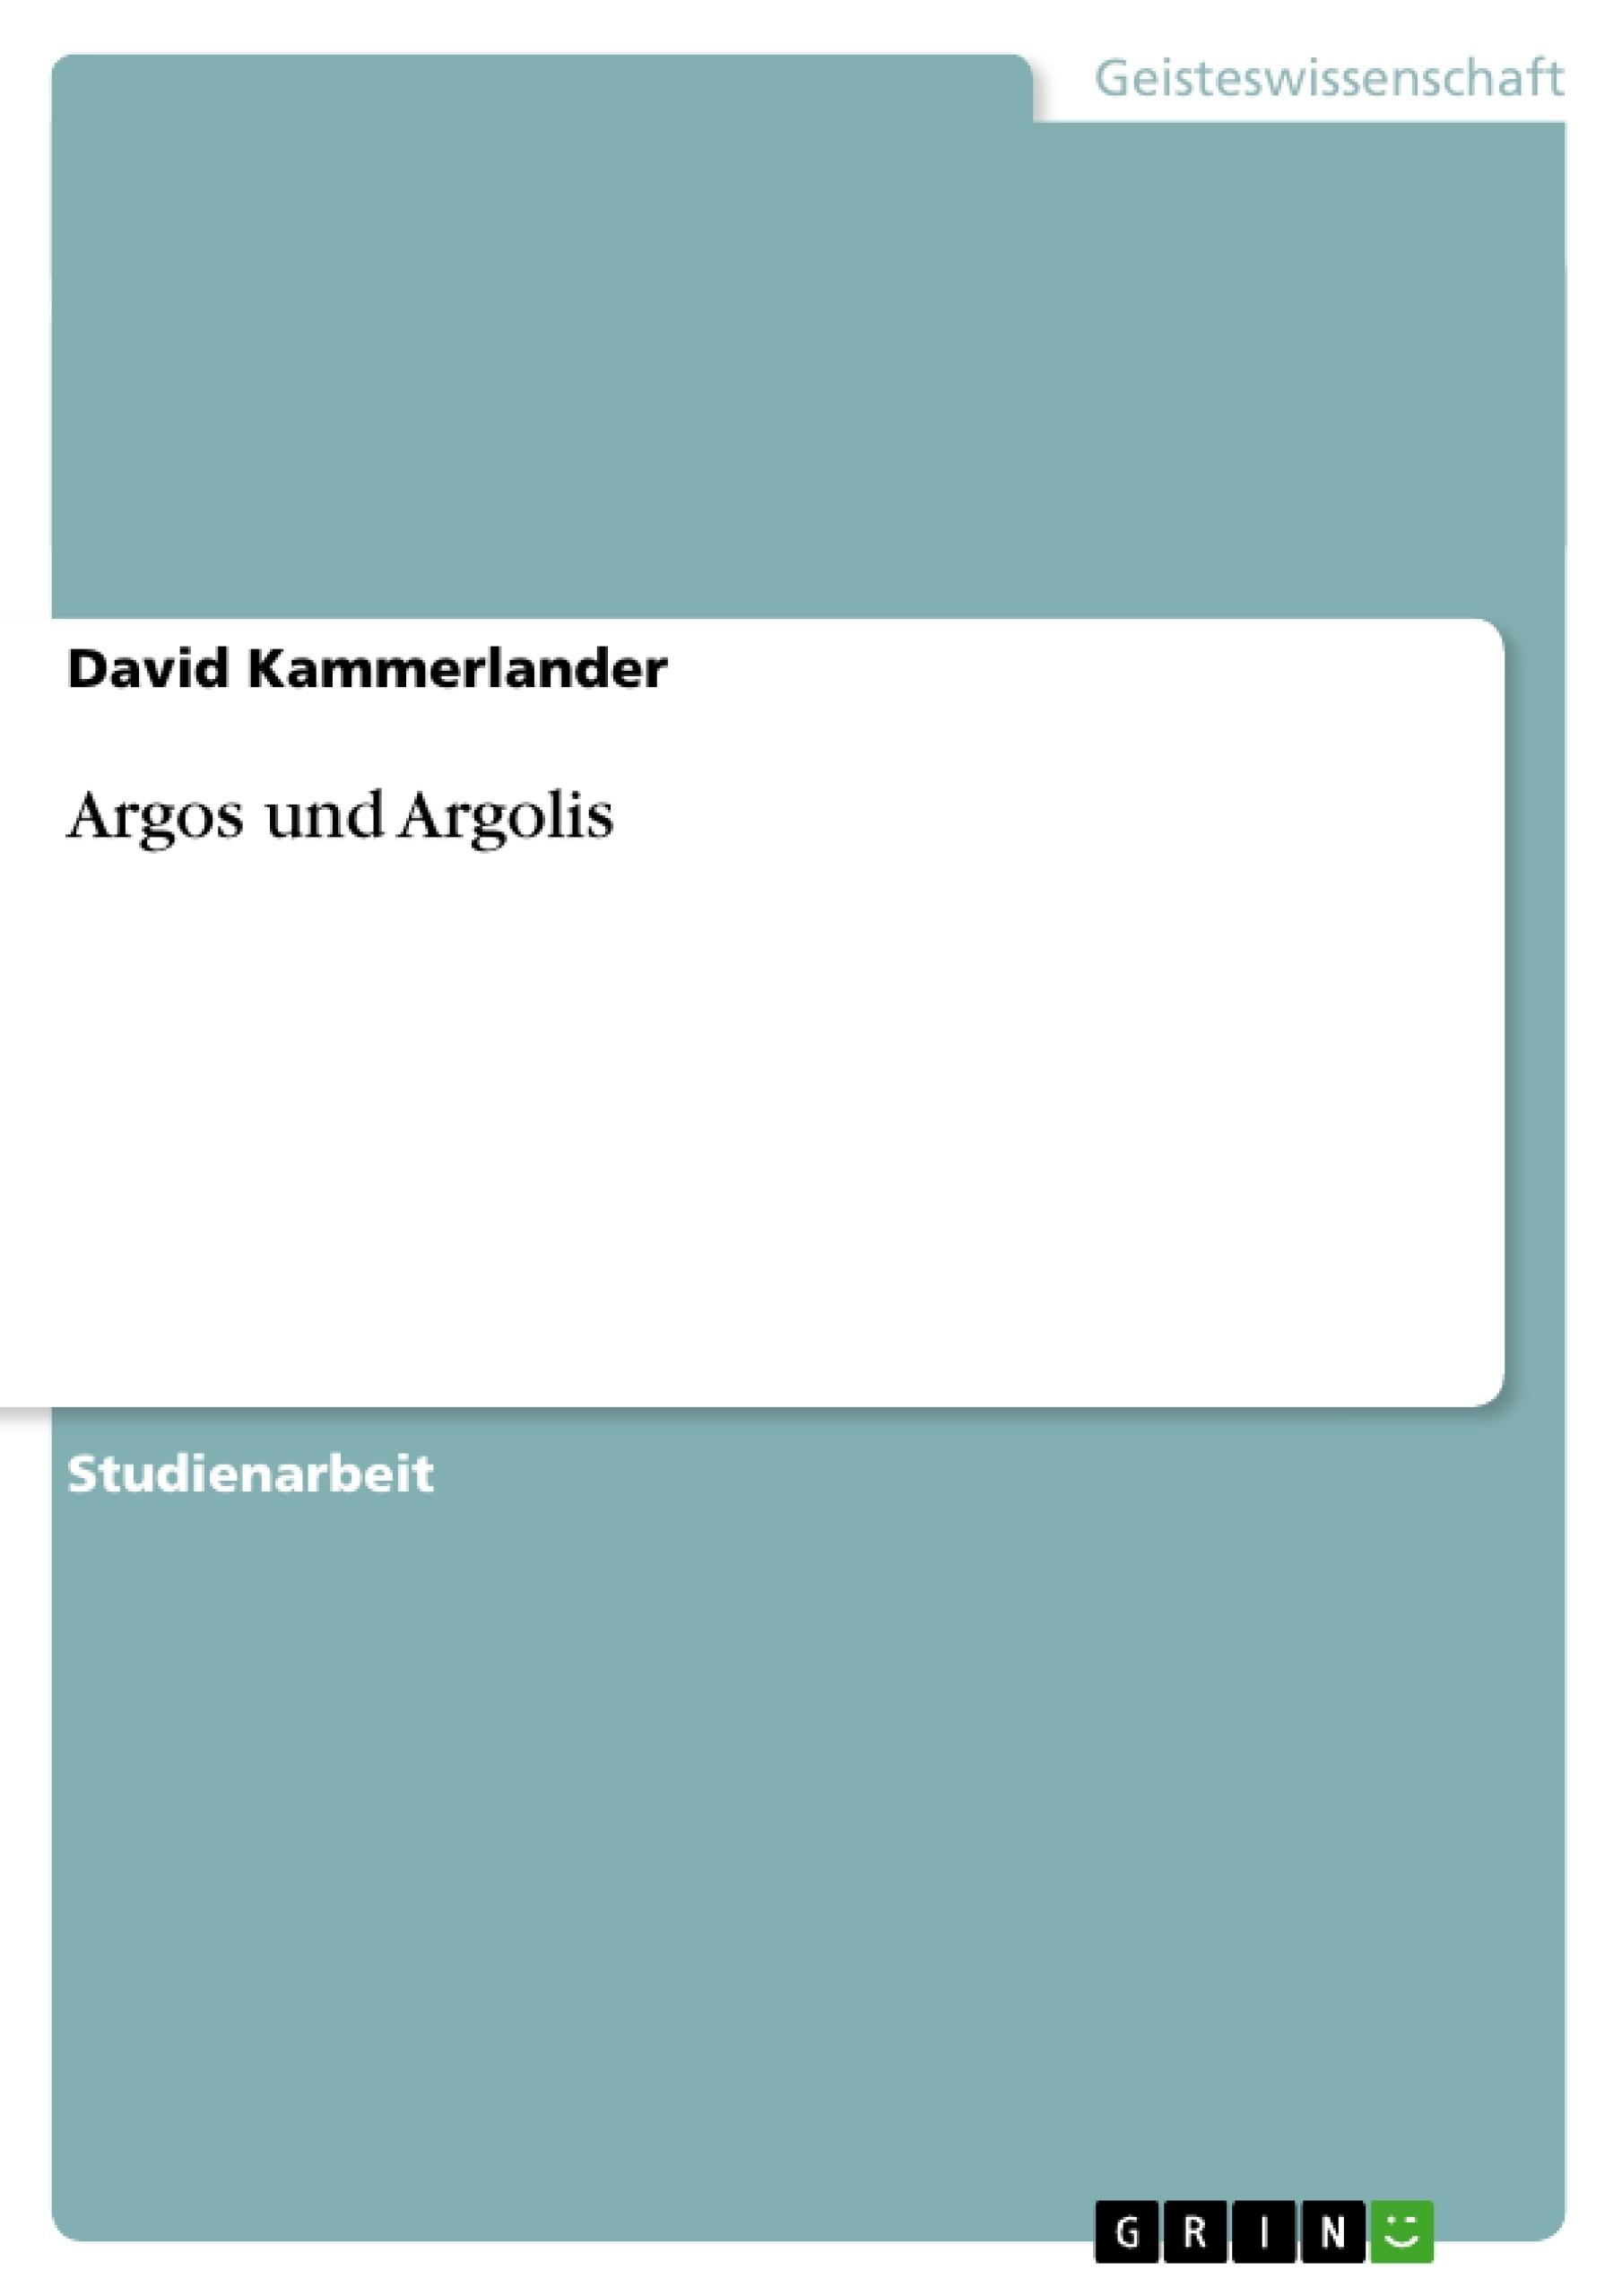 Titel: Argos und Argolis